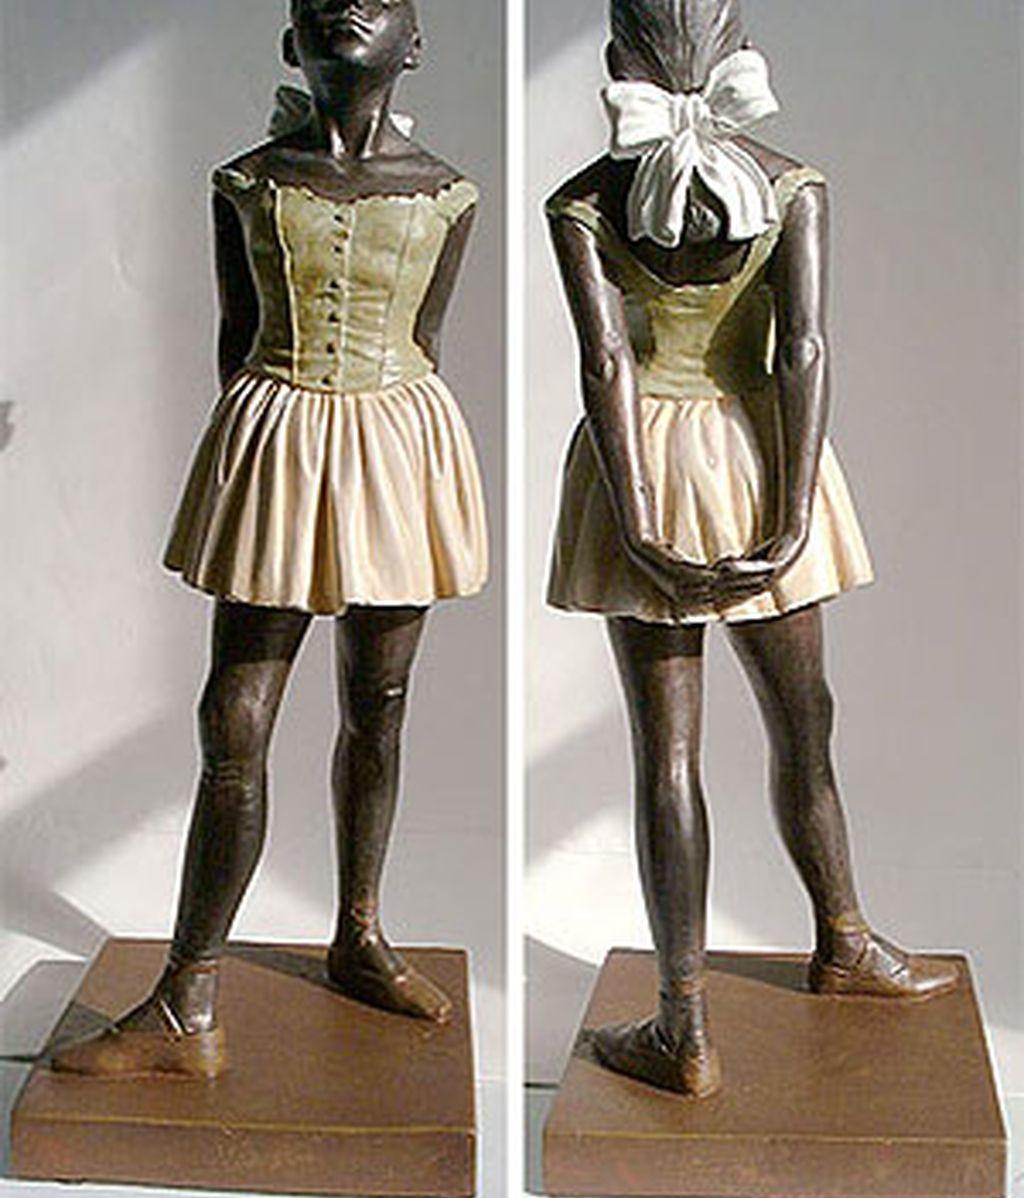 La estatua se exhibía desde 2004 en la Royal Academy, donde se conservaba en régimen de préstamo. Foto: Archivo.